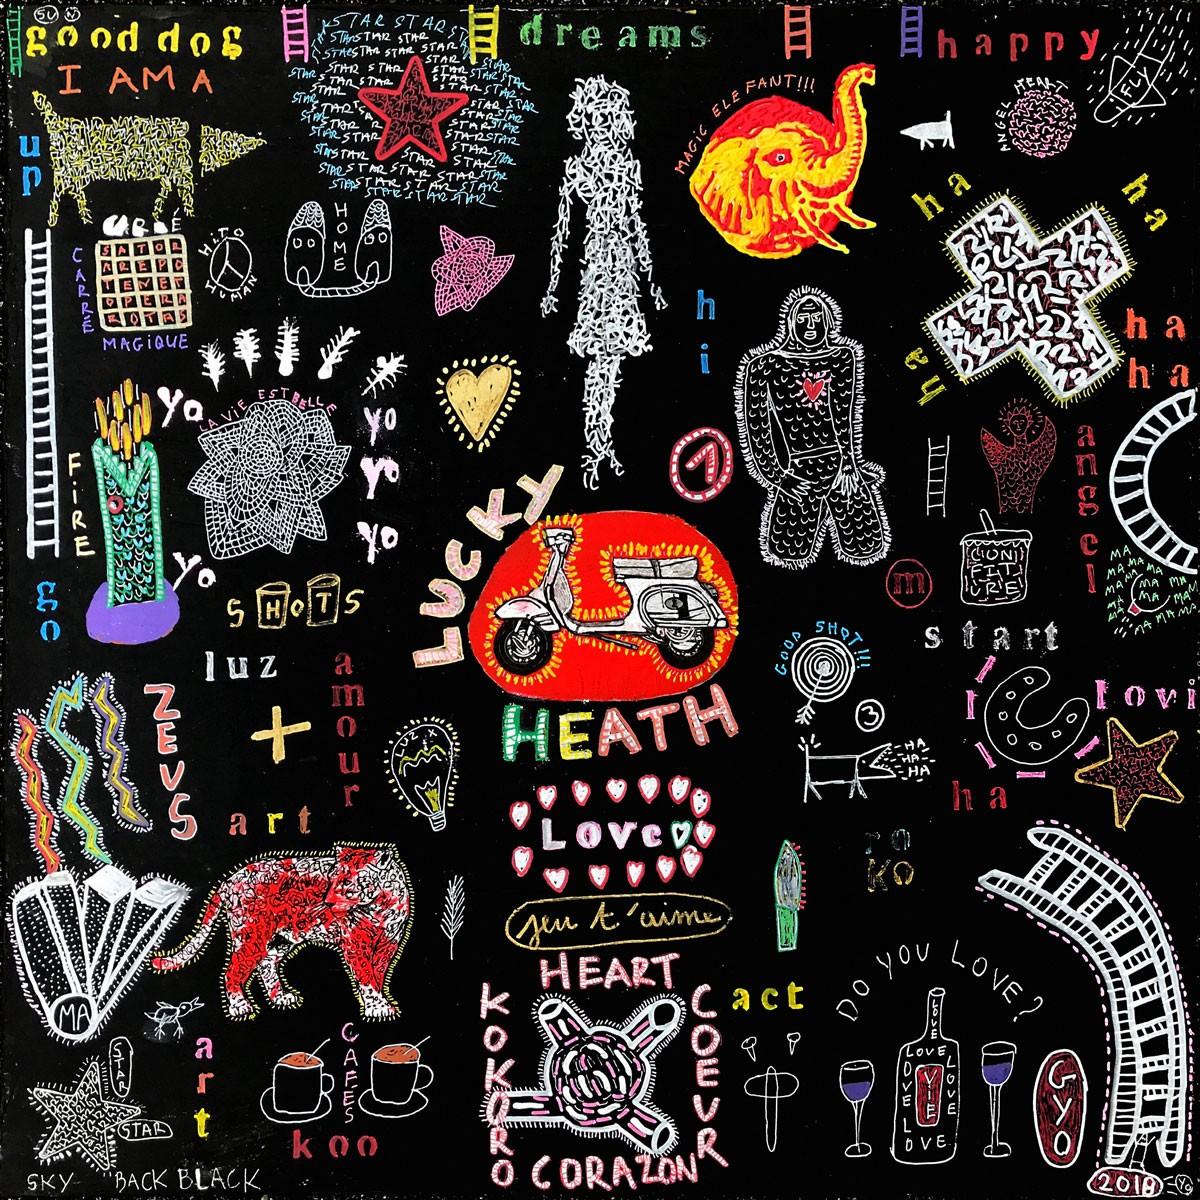 Scooter, une oeuvre de l'artiste Gyo, éditée sur plexiglass en haute définition. L'artiste emprunte les codes du street art et du pochoir pour peindre Scooter. Il créé un tableau en relief et gorgé de couleurs. Sa peinture, appliquée en 3D est inscrite sur un fond noir et épais étalé au couteau. Son oeuvre Scooter peuplée d'illustrations en référence à la santé, à l'alcool, à l'amour nous questionne sur les dangers de la vie. Un méli mélo coloré et dramatique qui rappelle les pays du soleil. Tirage limité - Fabrication Française - Made in France